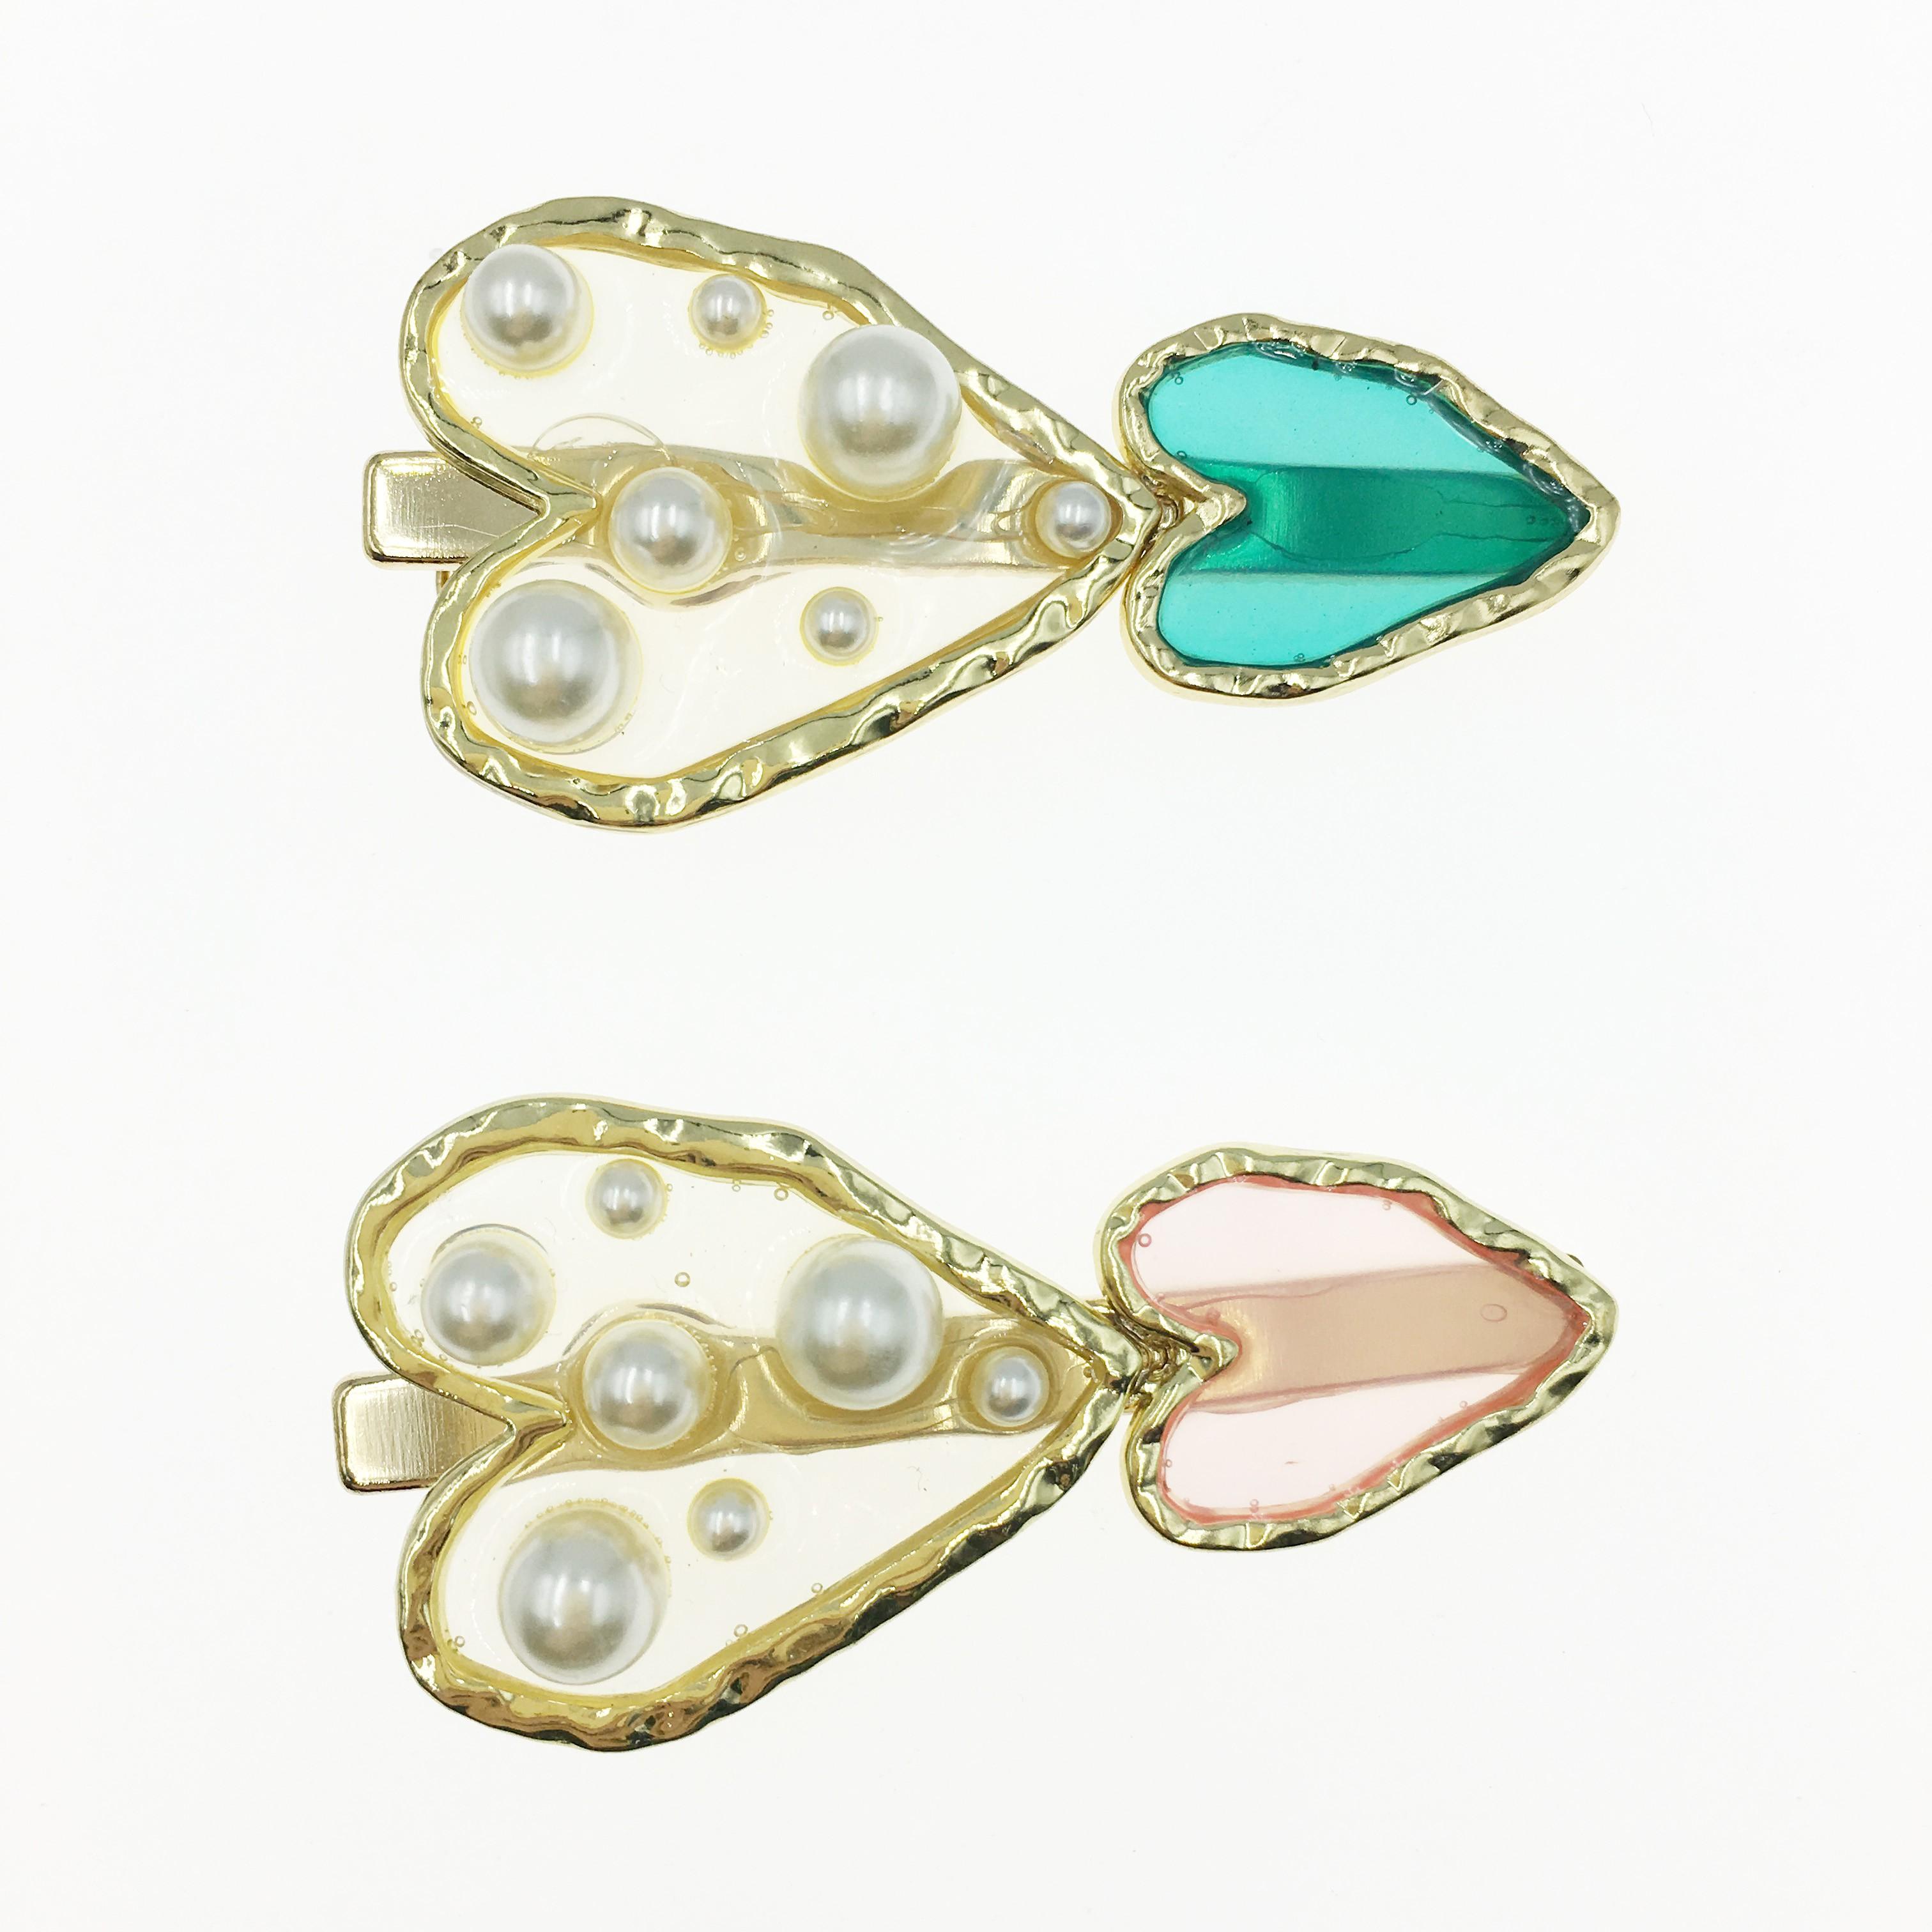 韓國 愛心 金邊 珍珠 兩色 壓夾 髮夾 髮飾